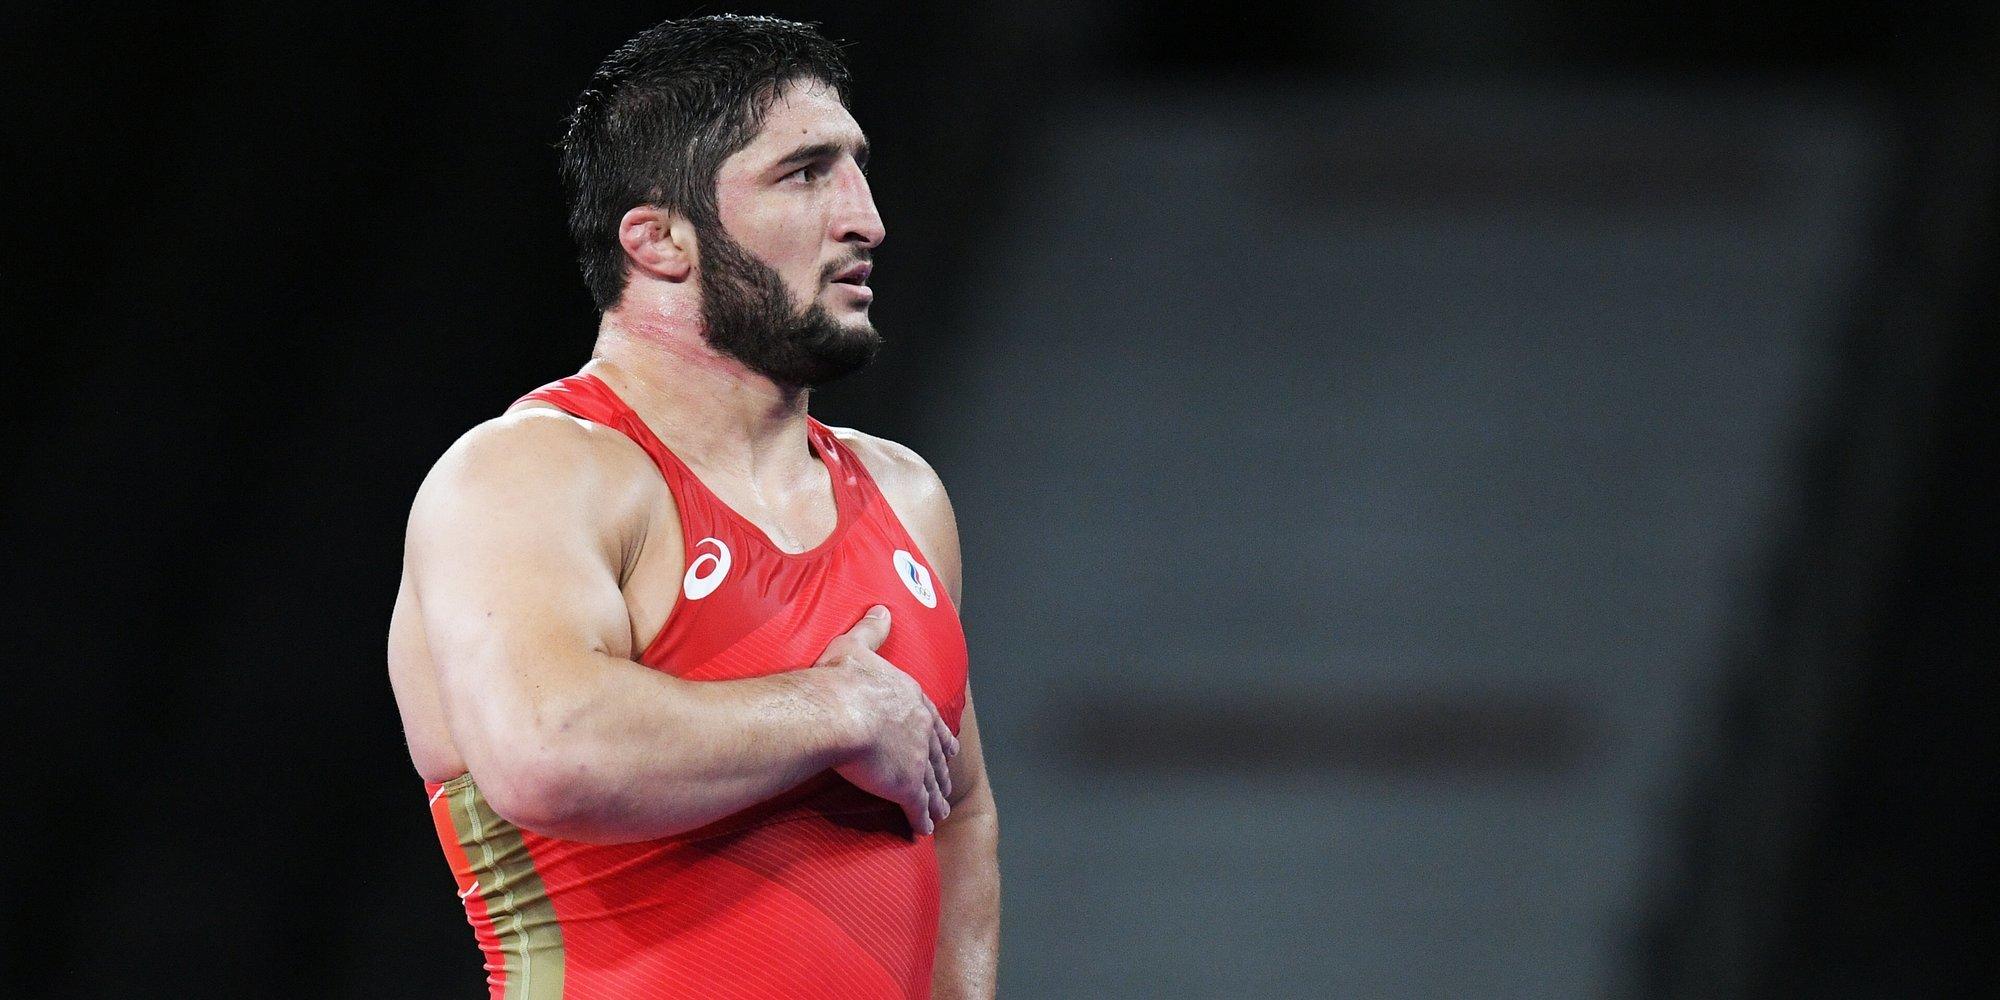 Абдулрашид Садулаев — в эфире «Матч ТВ»: «Снайдер — нормальный мужик, мы с ним общаемся. Он обещал приехать в Дагестан»